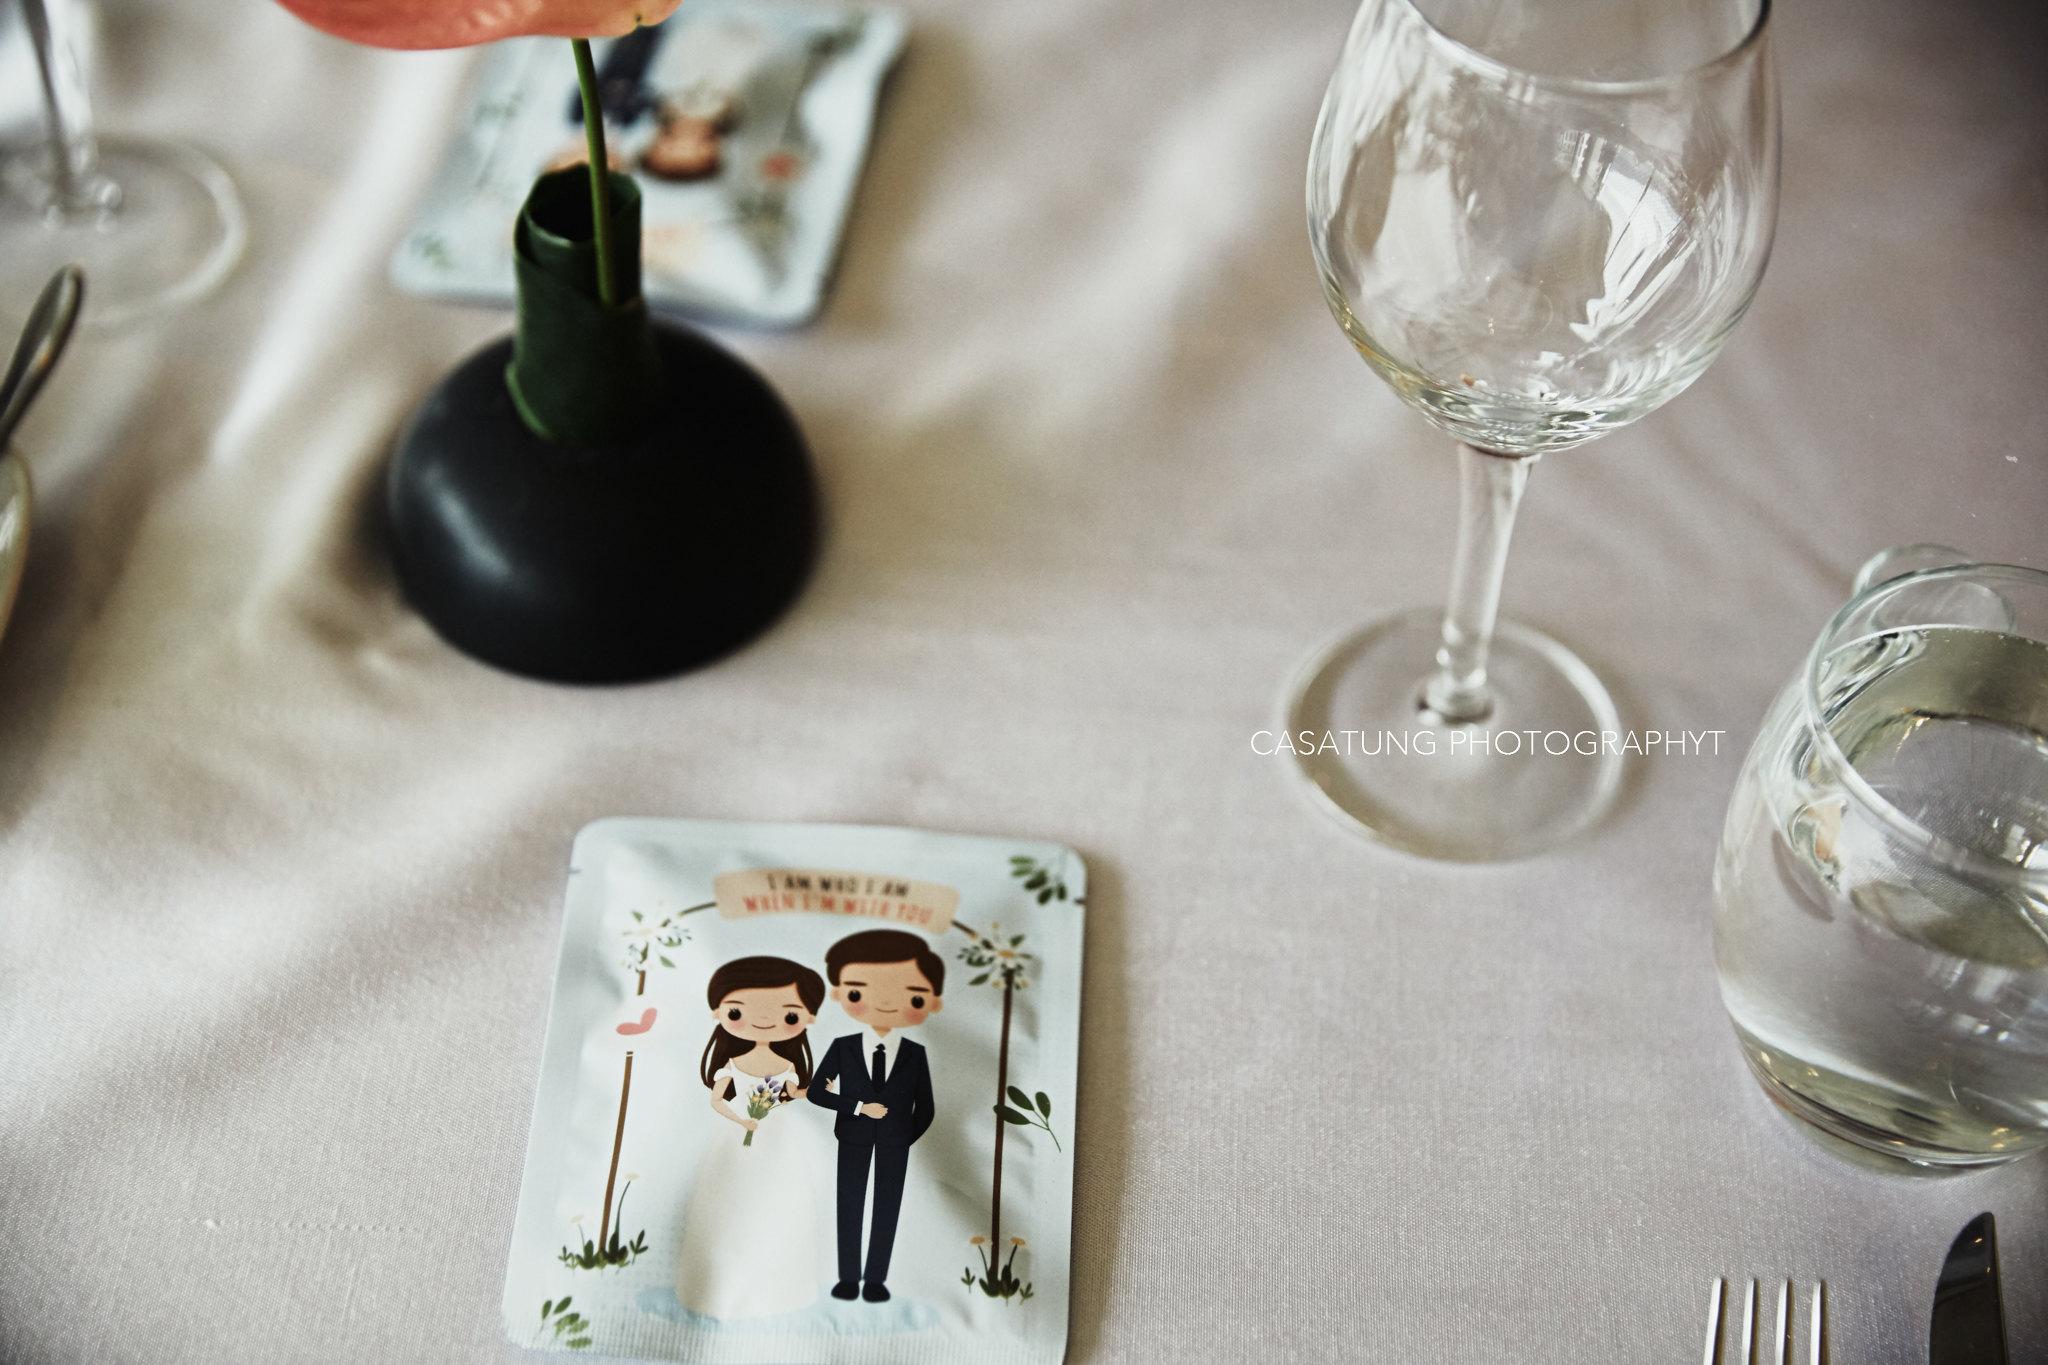 日月潭婚禮, 台中婚攝, 婚禮紀錄, 婚攝推薦, 涵碧樓婚禮, casa, casatung.台中婚攝casa-41